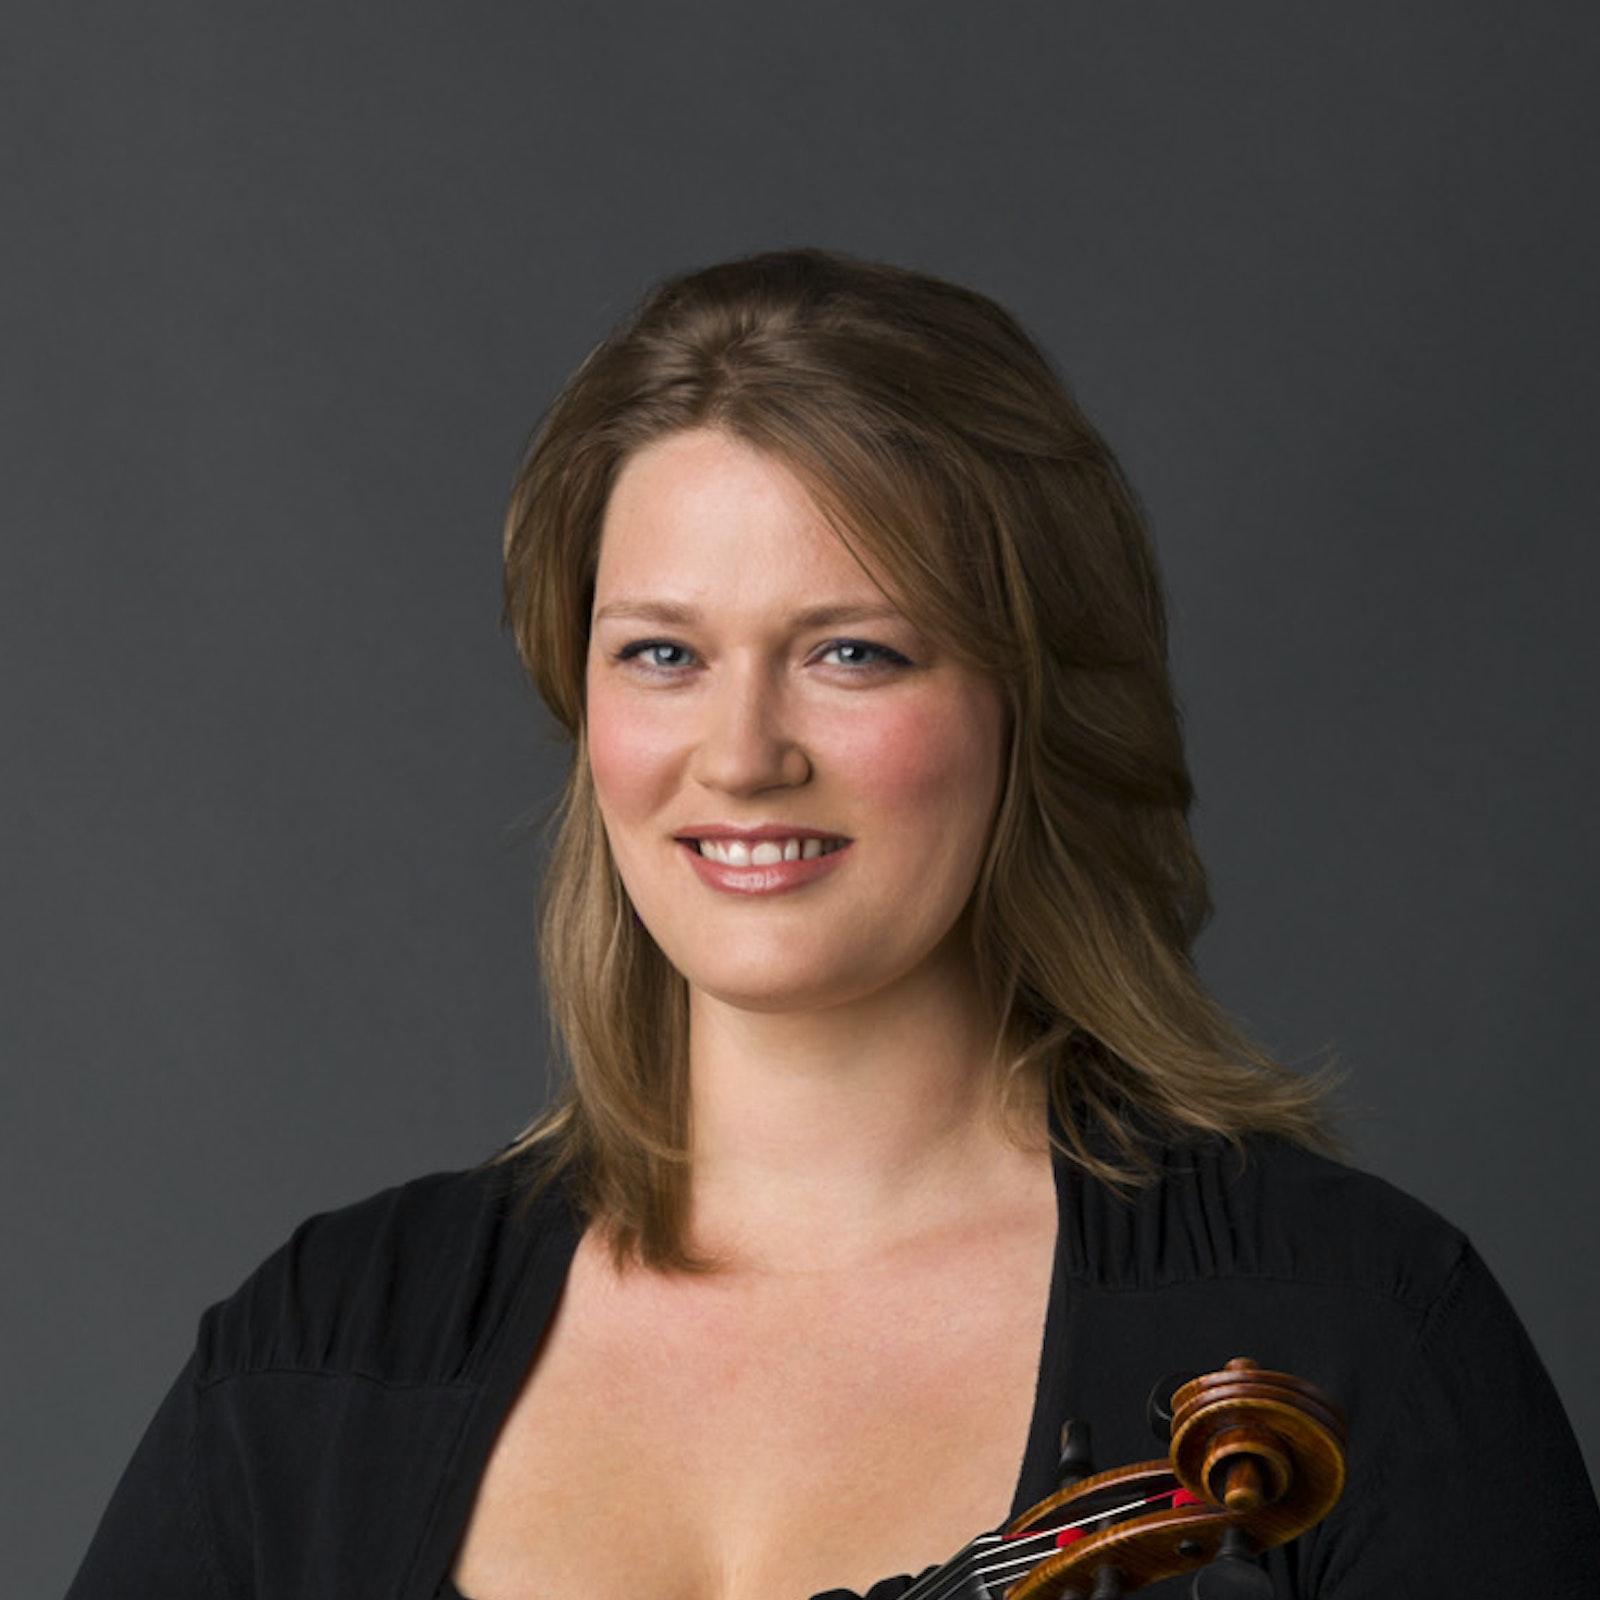 Katie Kadarauch